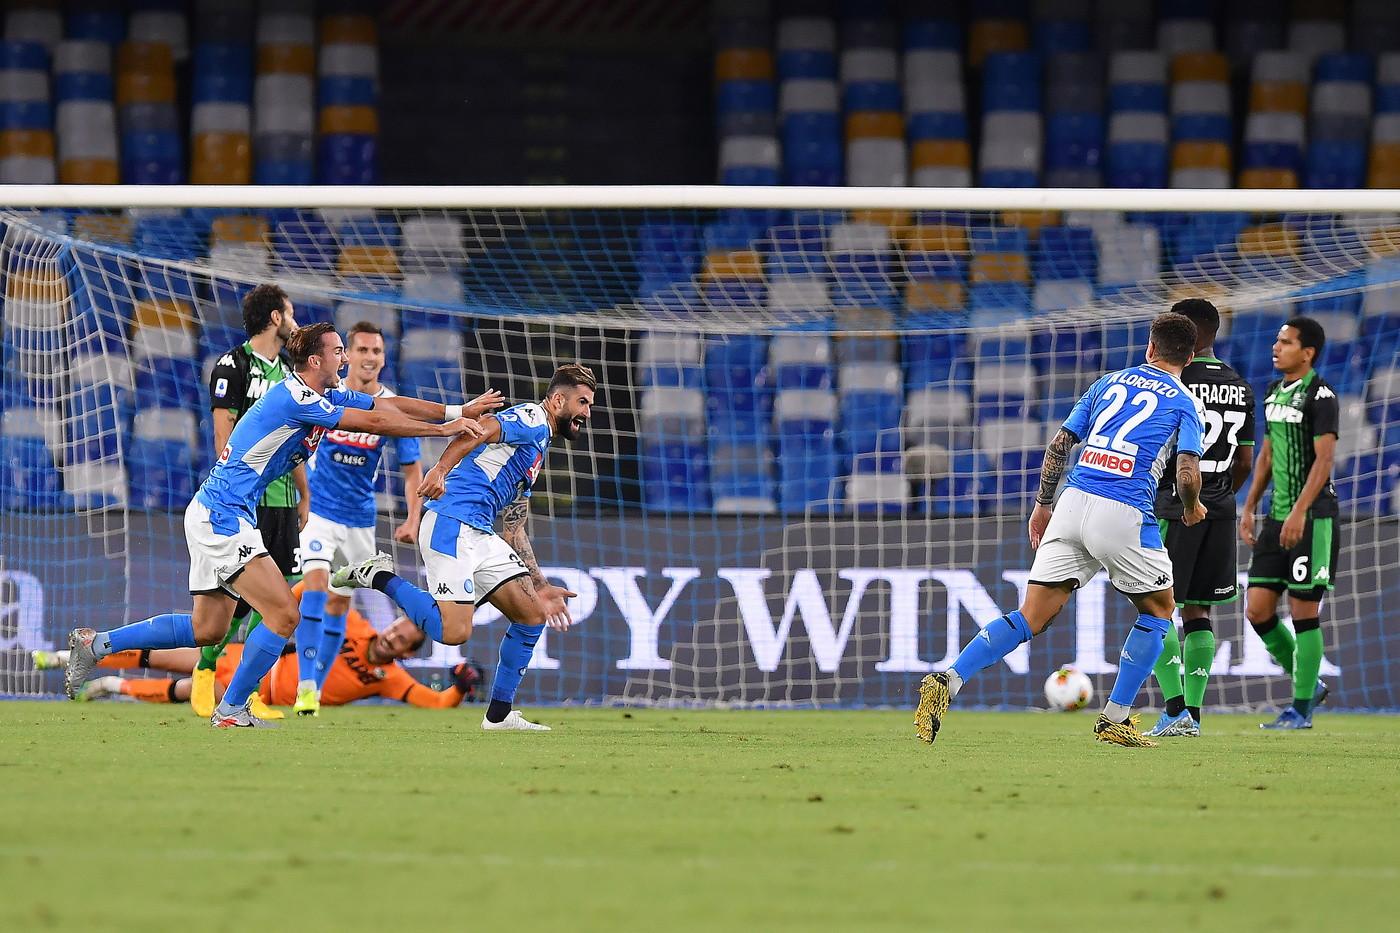 Le immagini della sfida del San Paolo. Il terzino azzurro ha trovato il primo gol in Serie A alla presenza 189<br /><br />